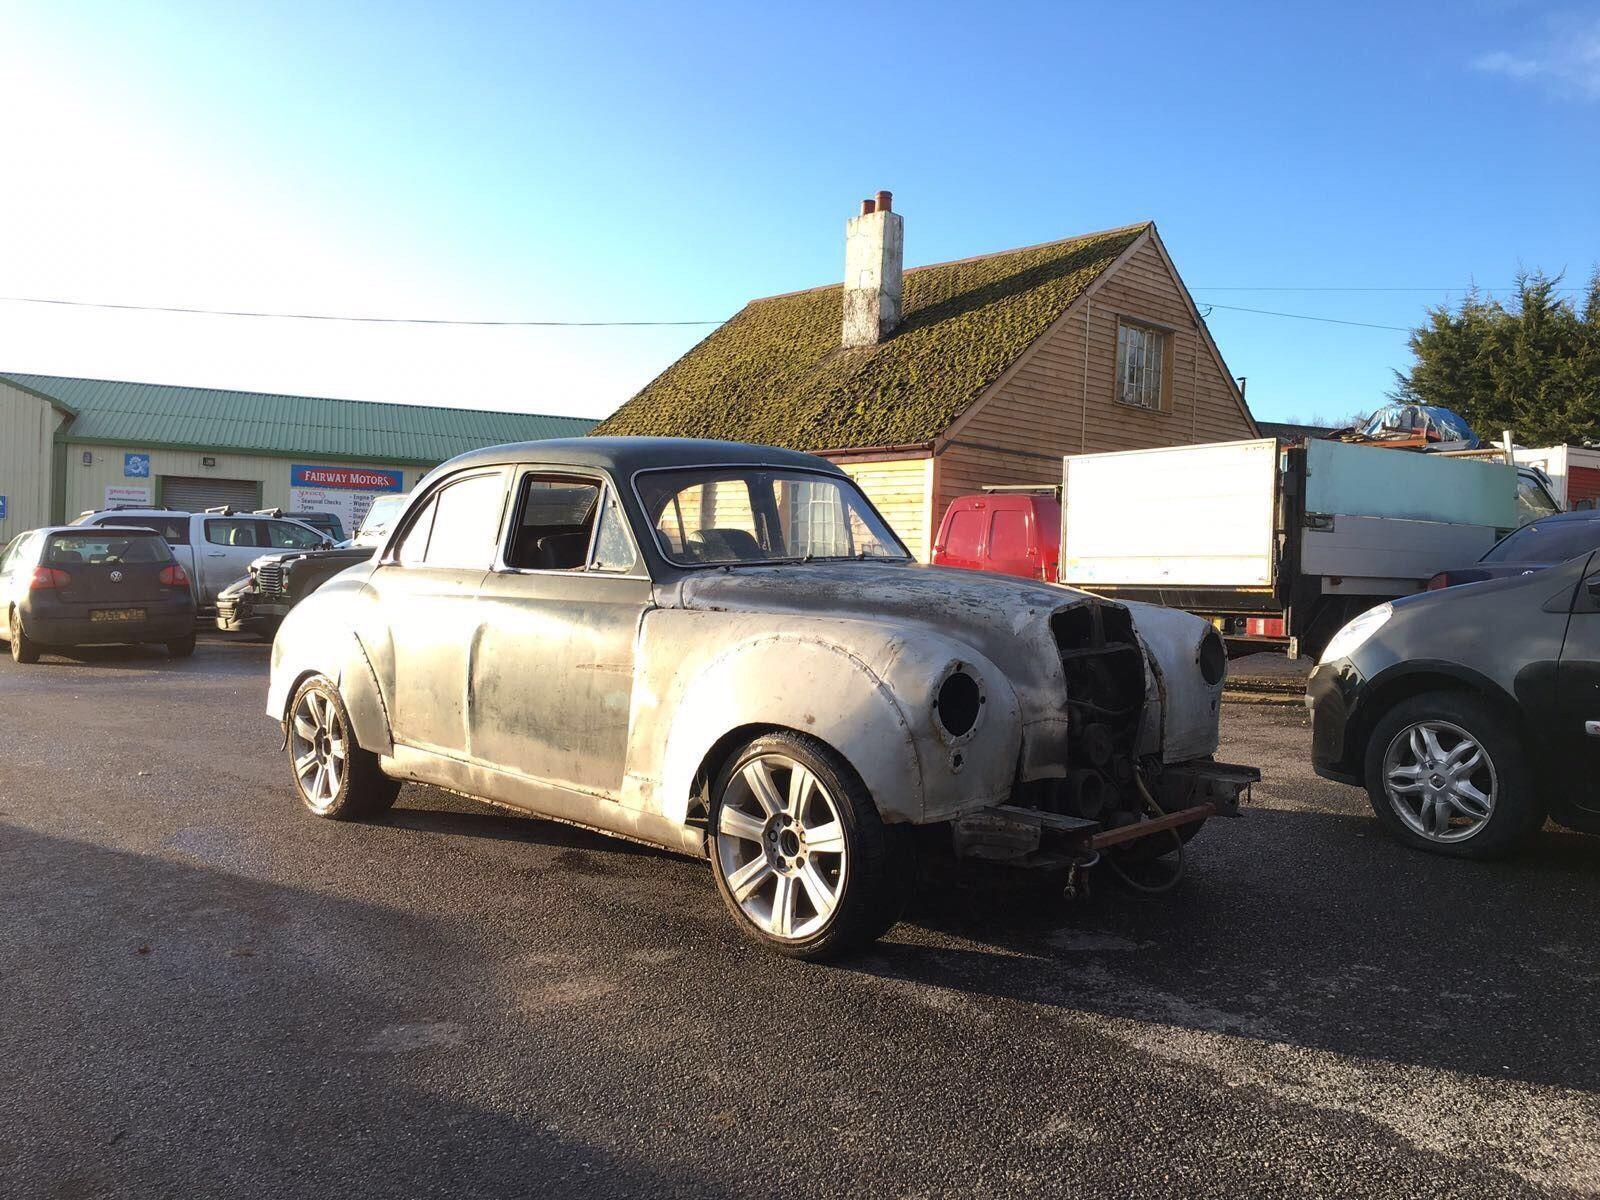 eBay: MG magnette hot rod drift rat rod BMW e34 manual v8 custom ...